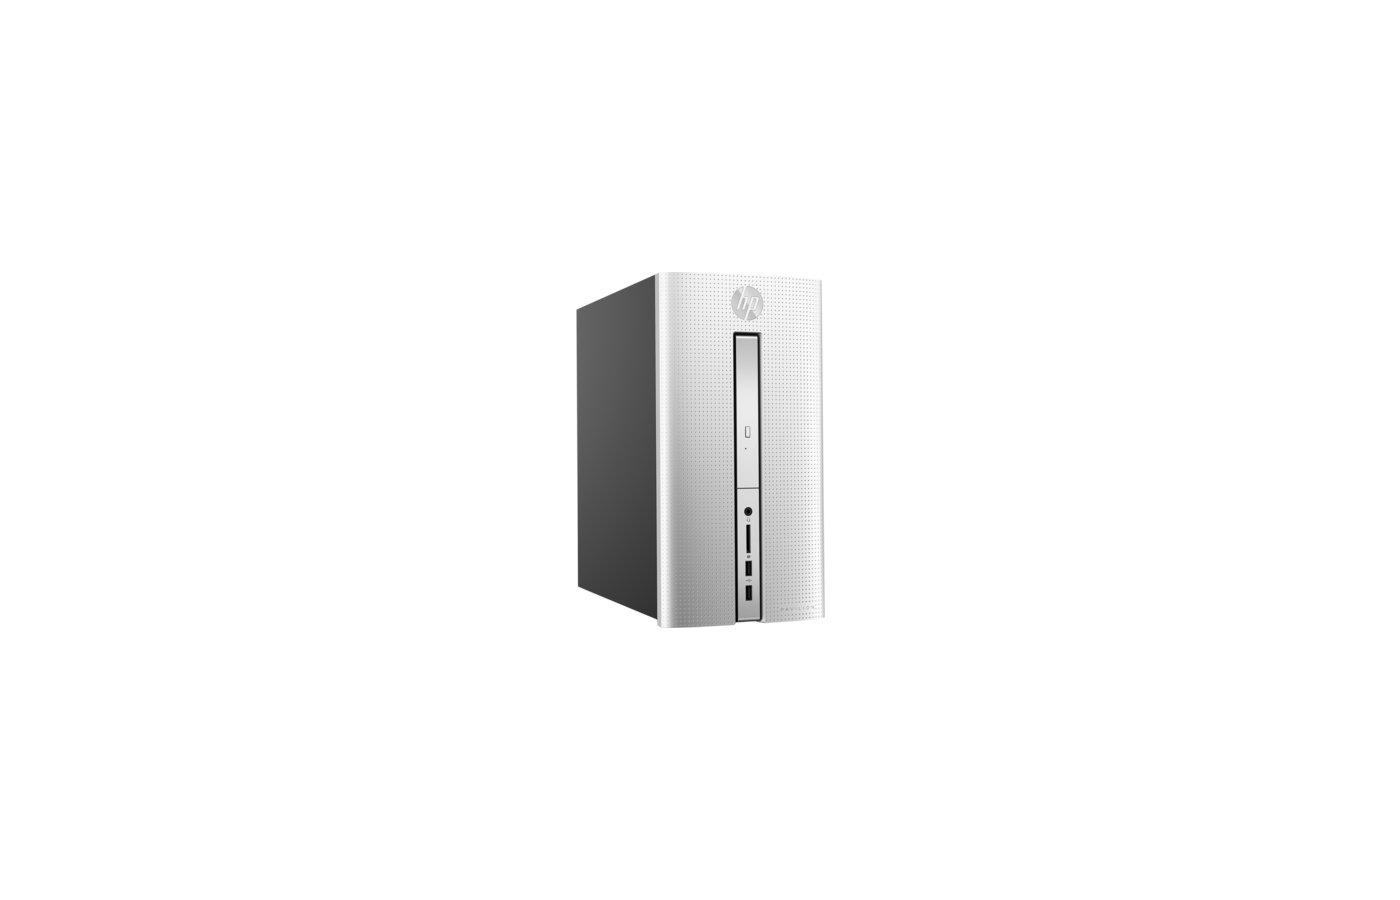 Системный блок HP Pavilion 510 510-p153ur /Z0J98EA/